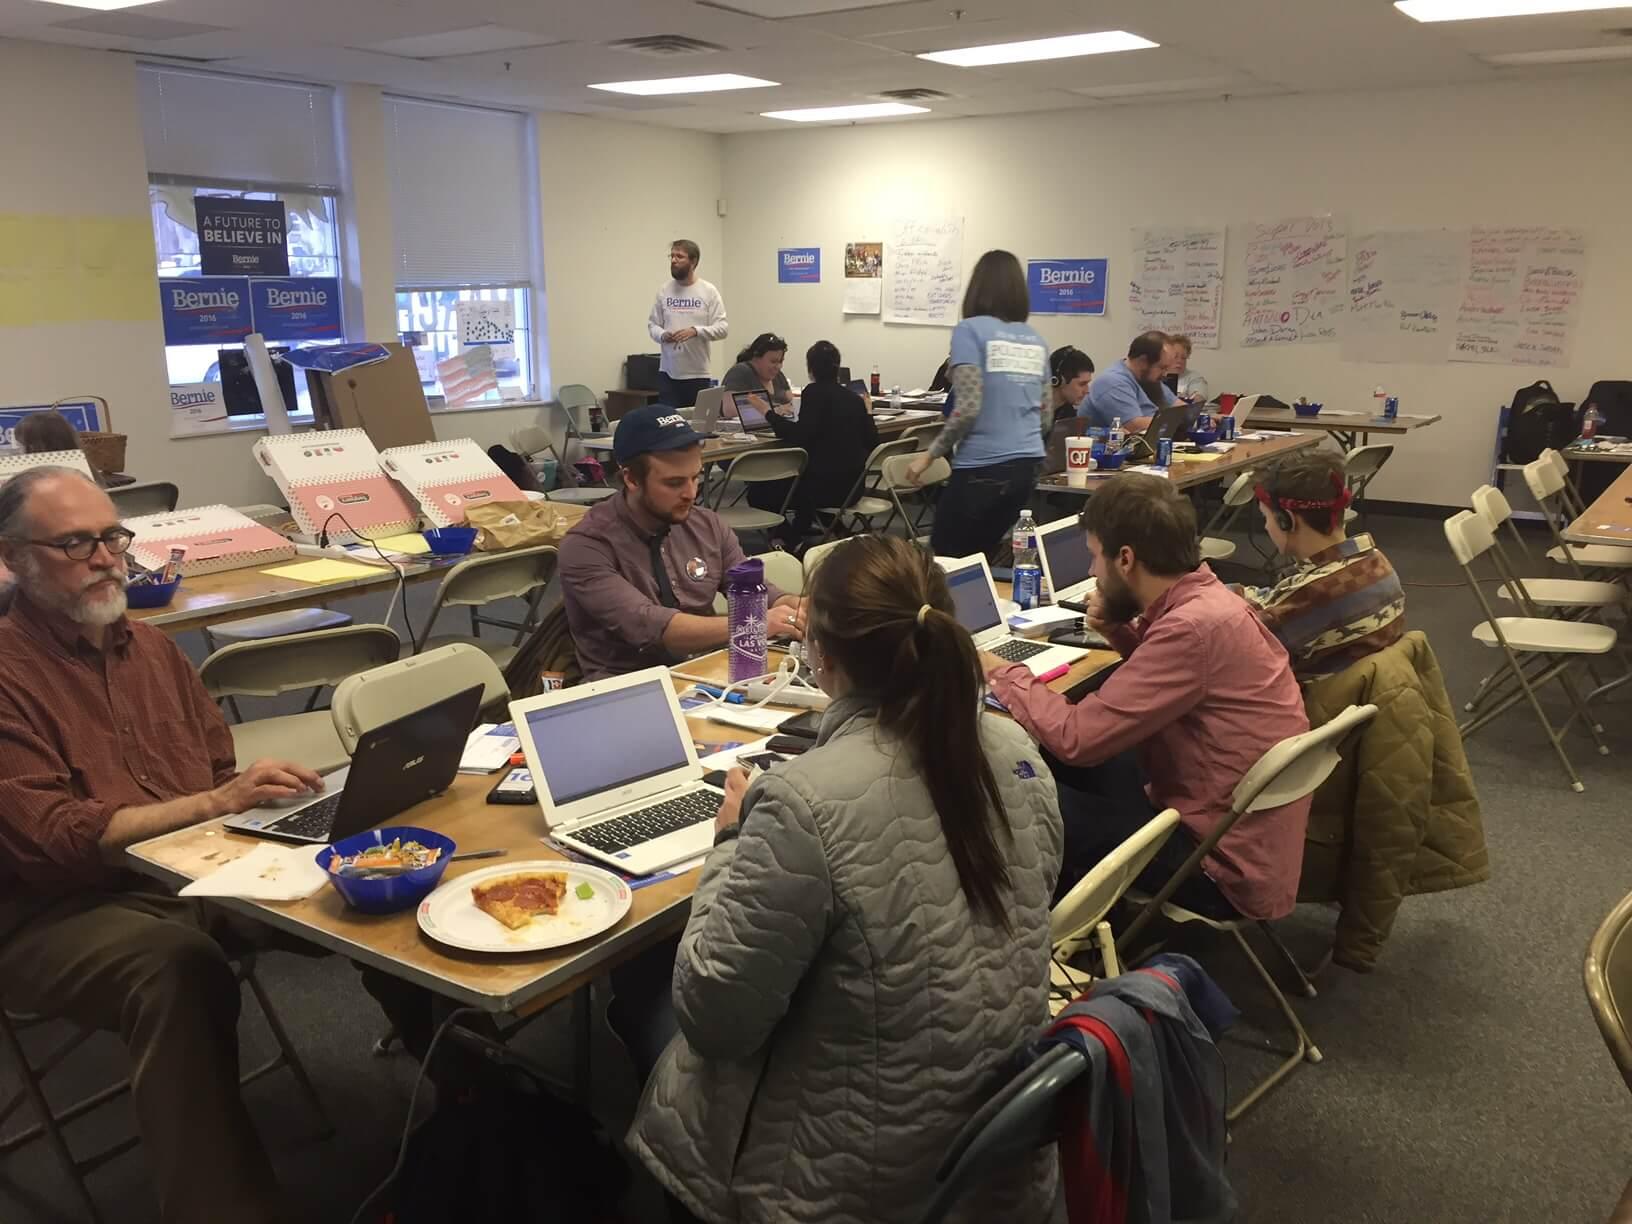 A full office of Sanders volunteers in Shawnee, KS